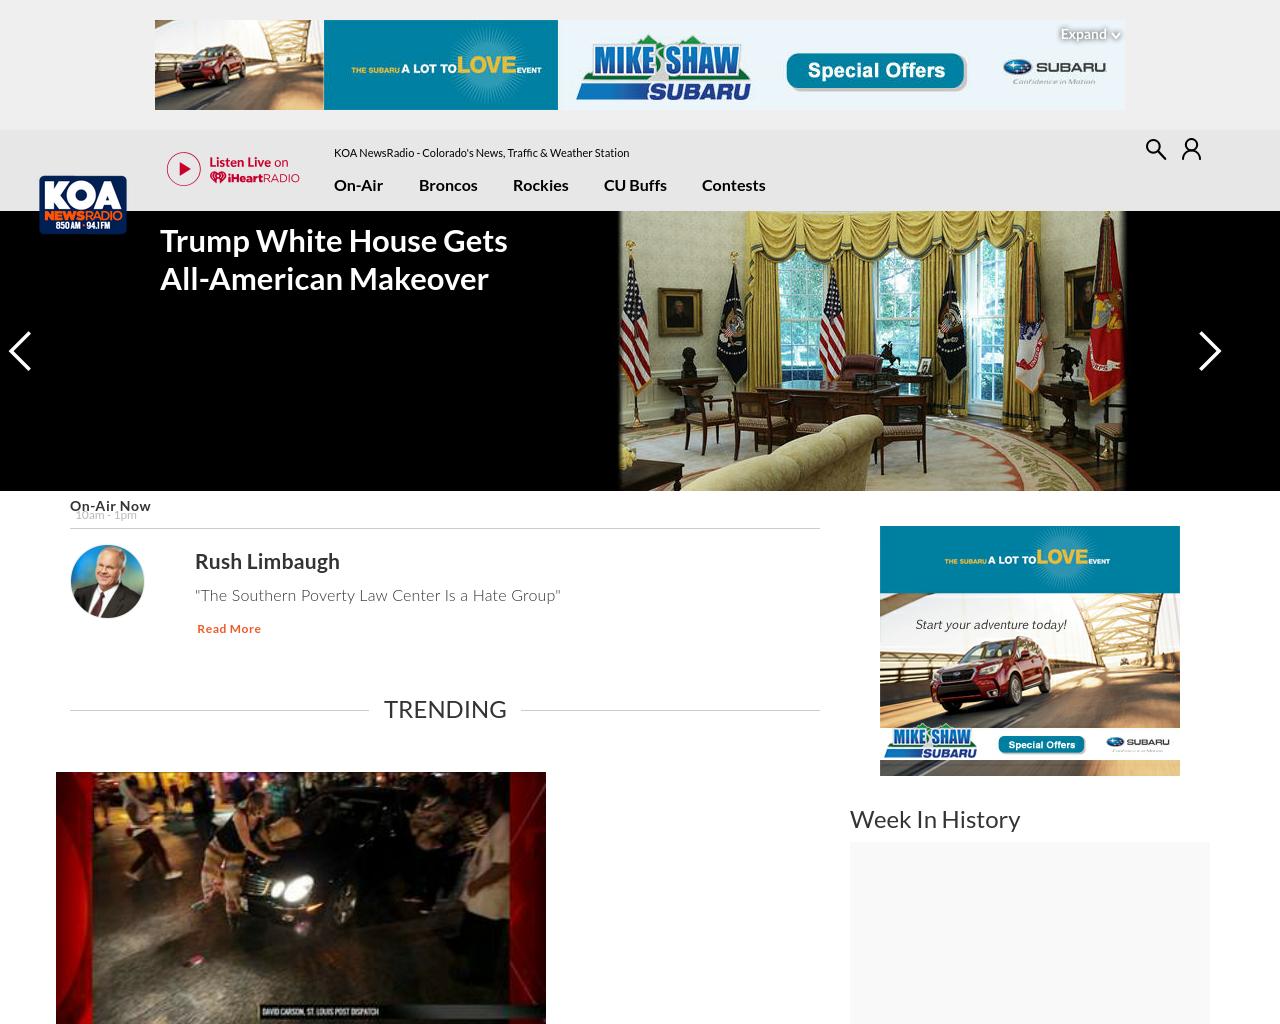 850-Koa-News-Radio-Advertising-Reviews-Pricing